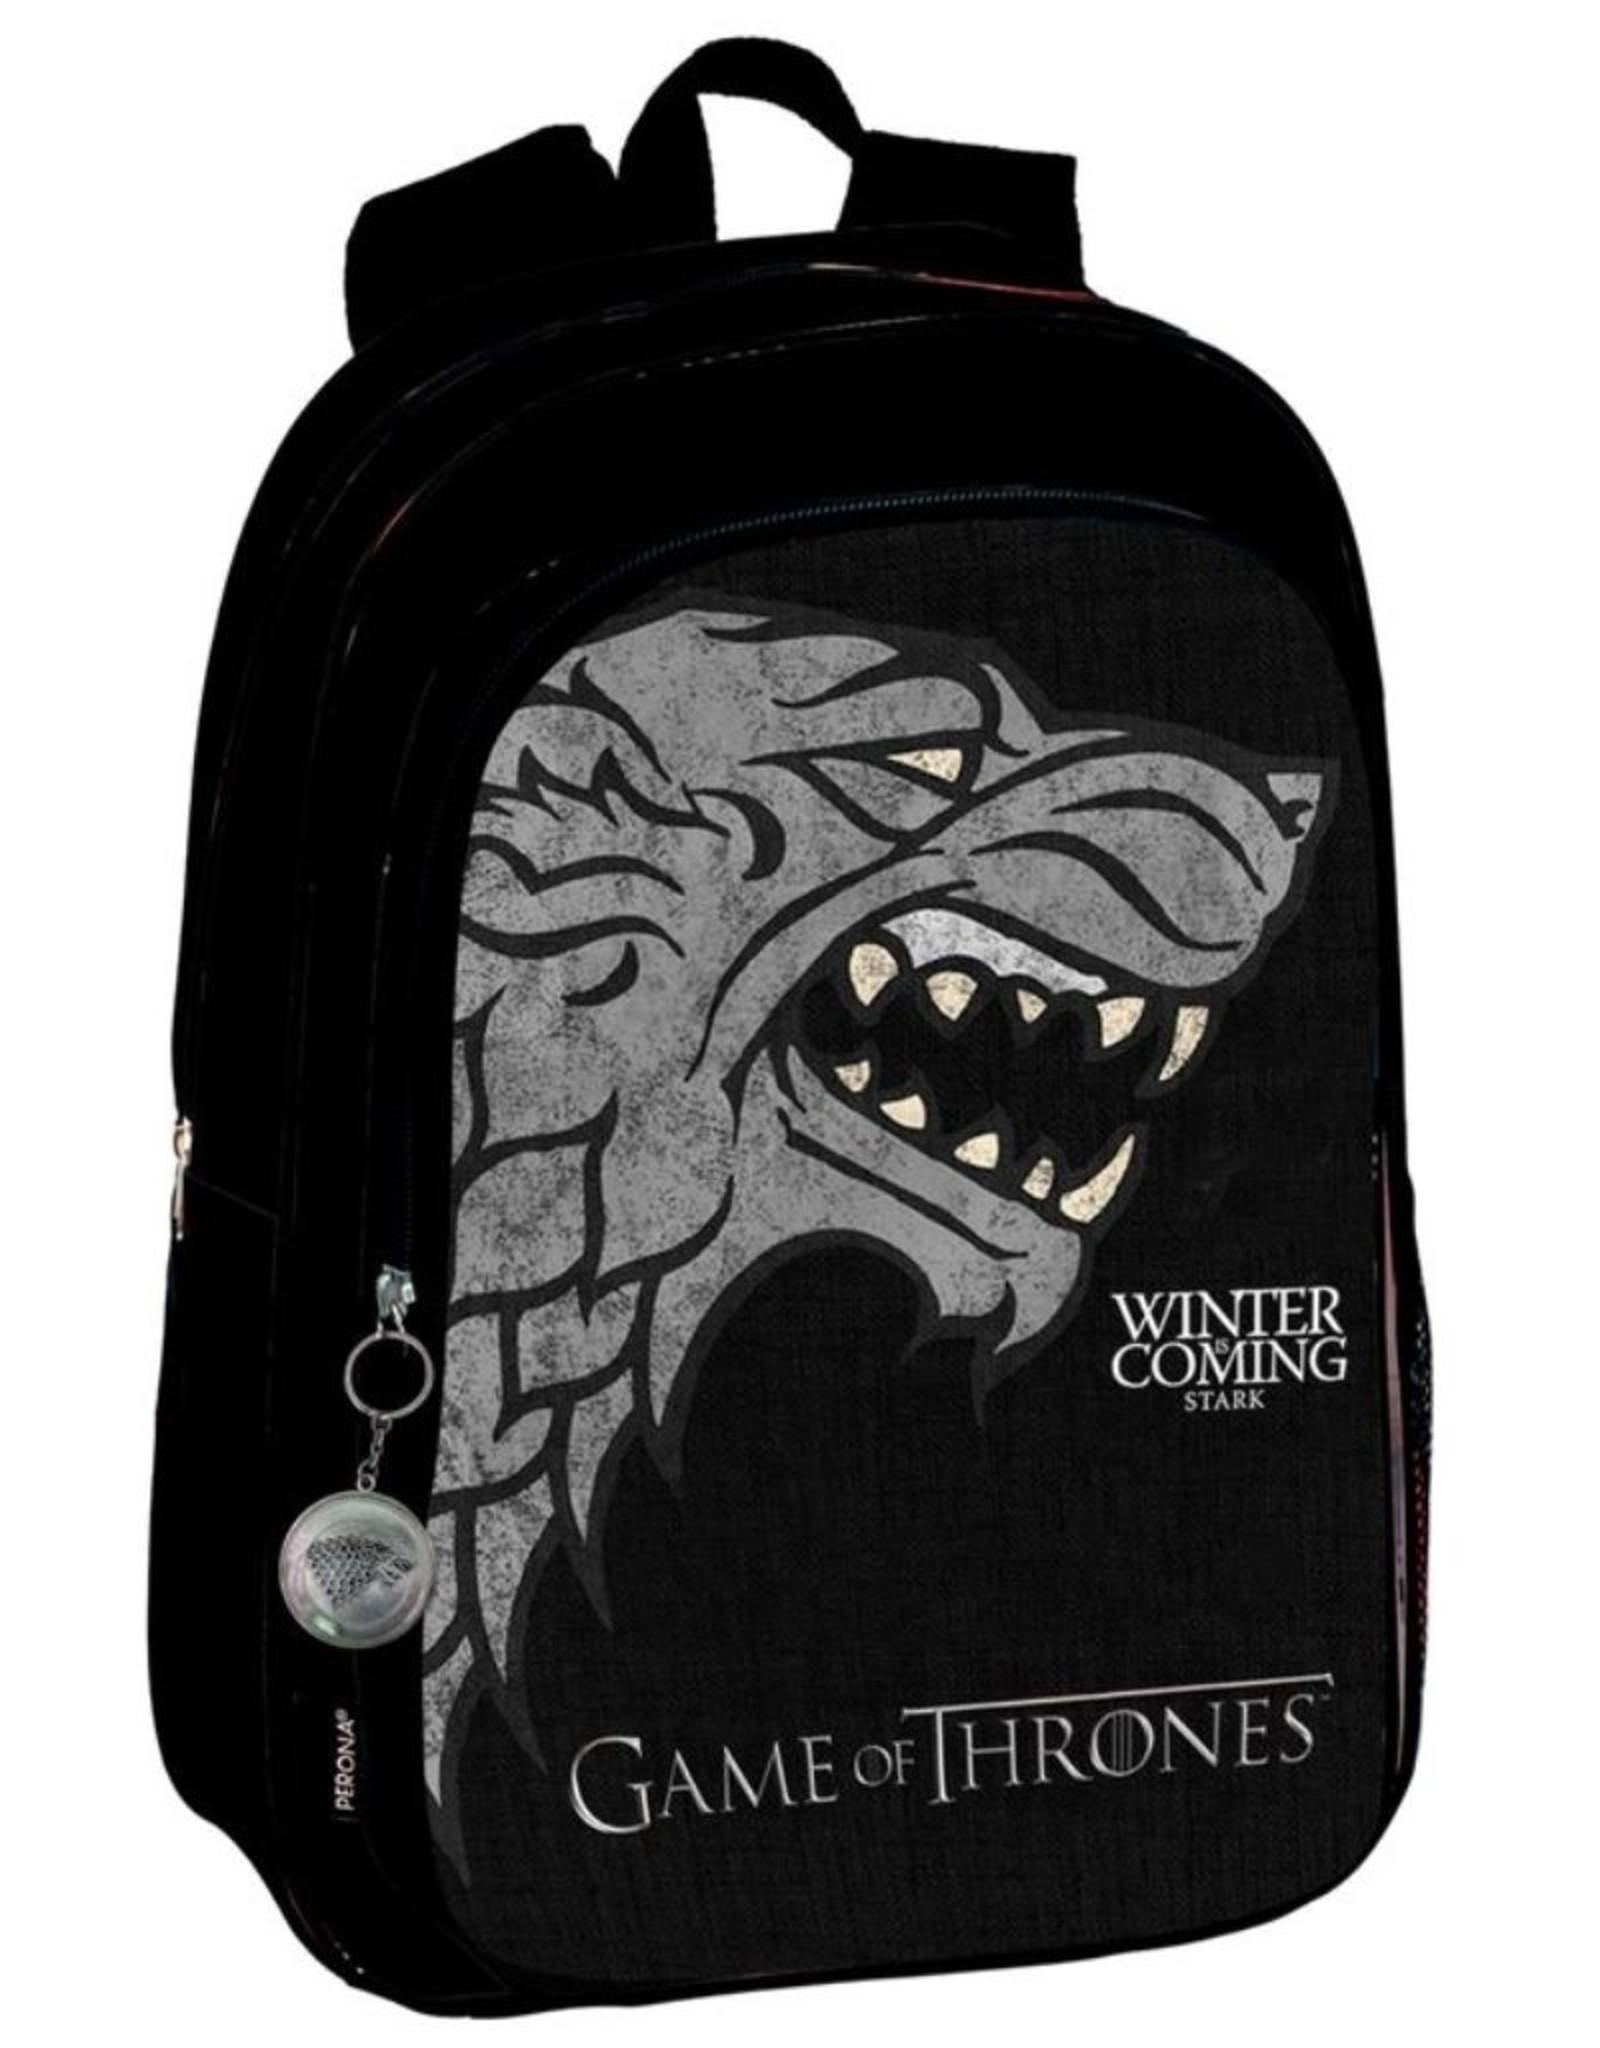 Game of Thrones Overige Merchandise rugzakken en heuptassen - Game of Thrones Stark rugzak 43cm